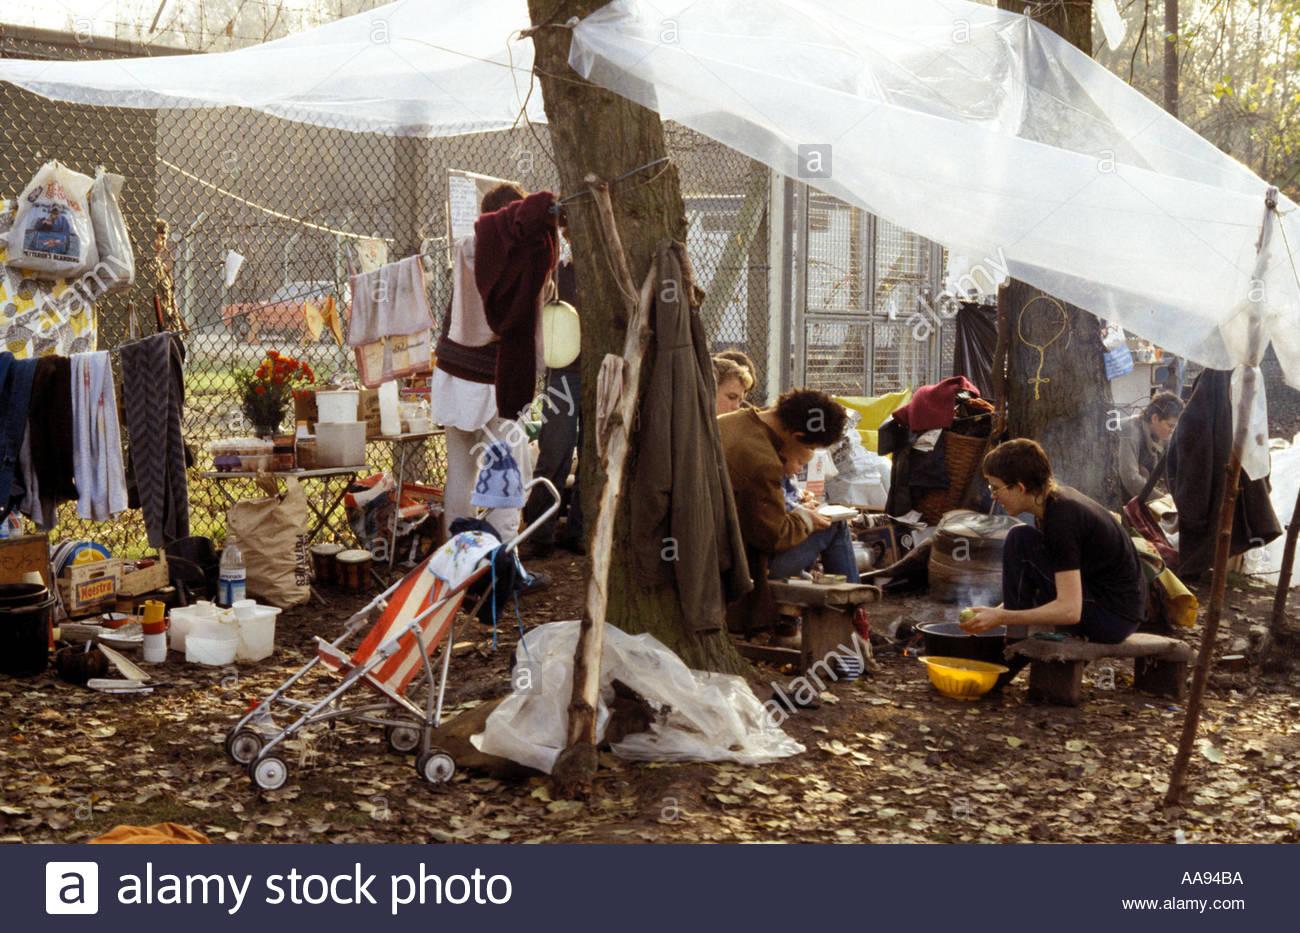 Woman's peace camp Berkshire protestaient contre la base de missiles de croisière américains à Greenham Common. Photo Stock